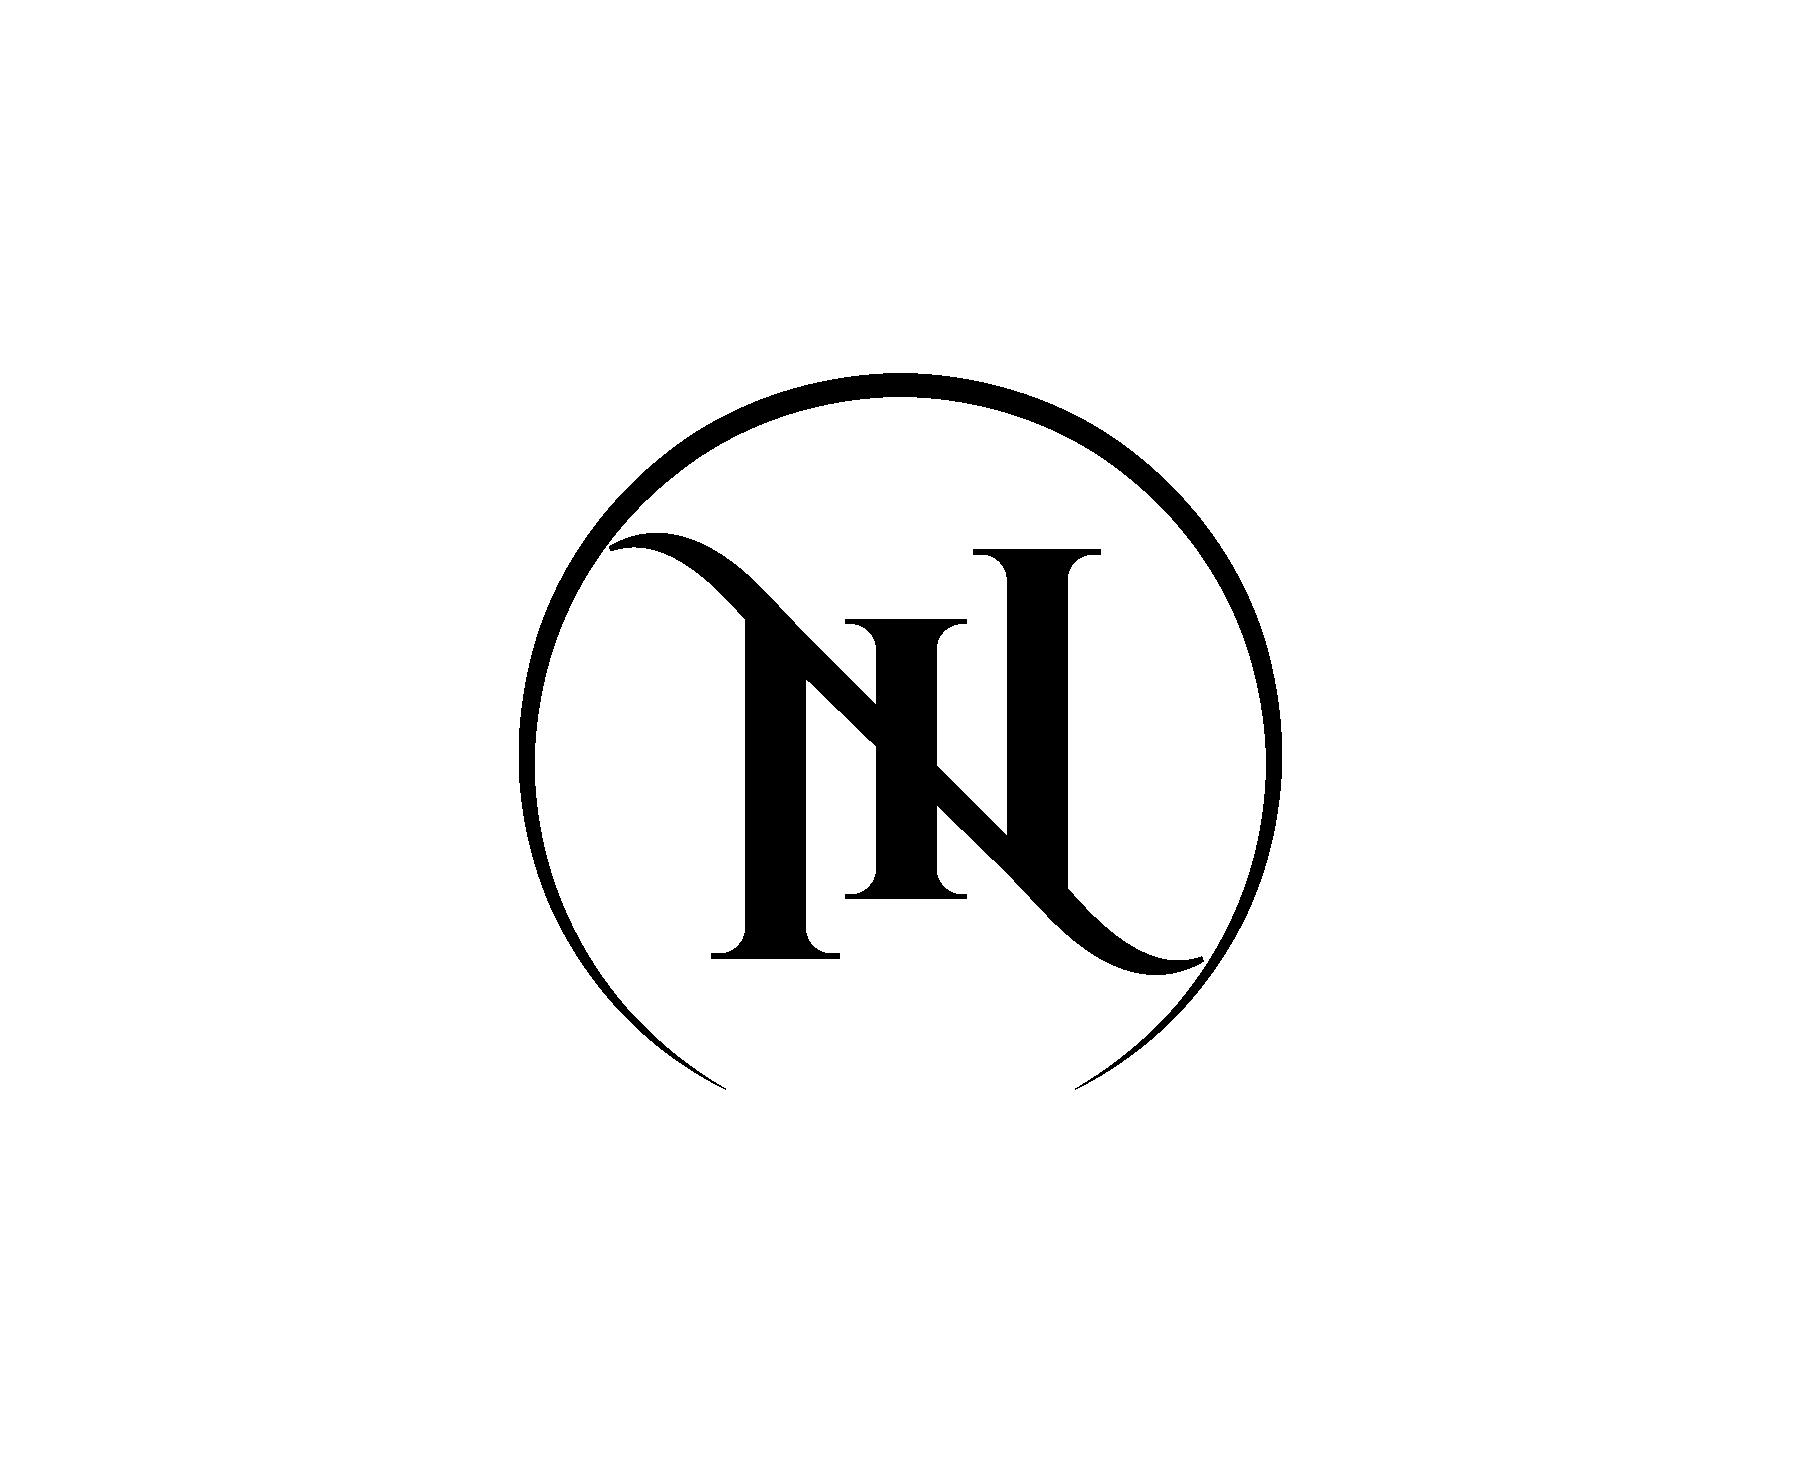 ink notary, eine Dokumentationsapp für die Tattooszene braucht ein schönes Logo